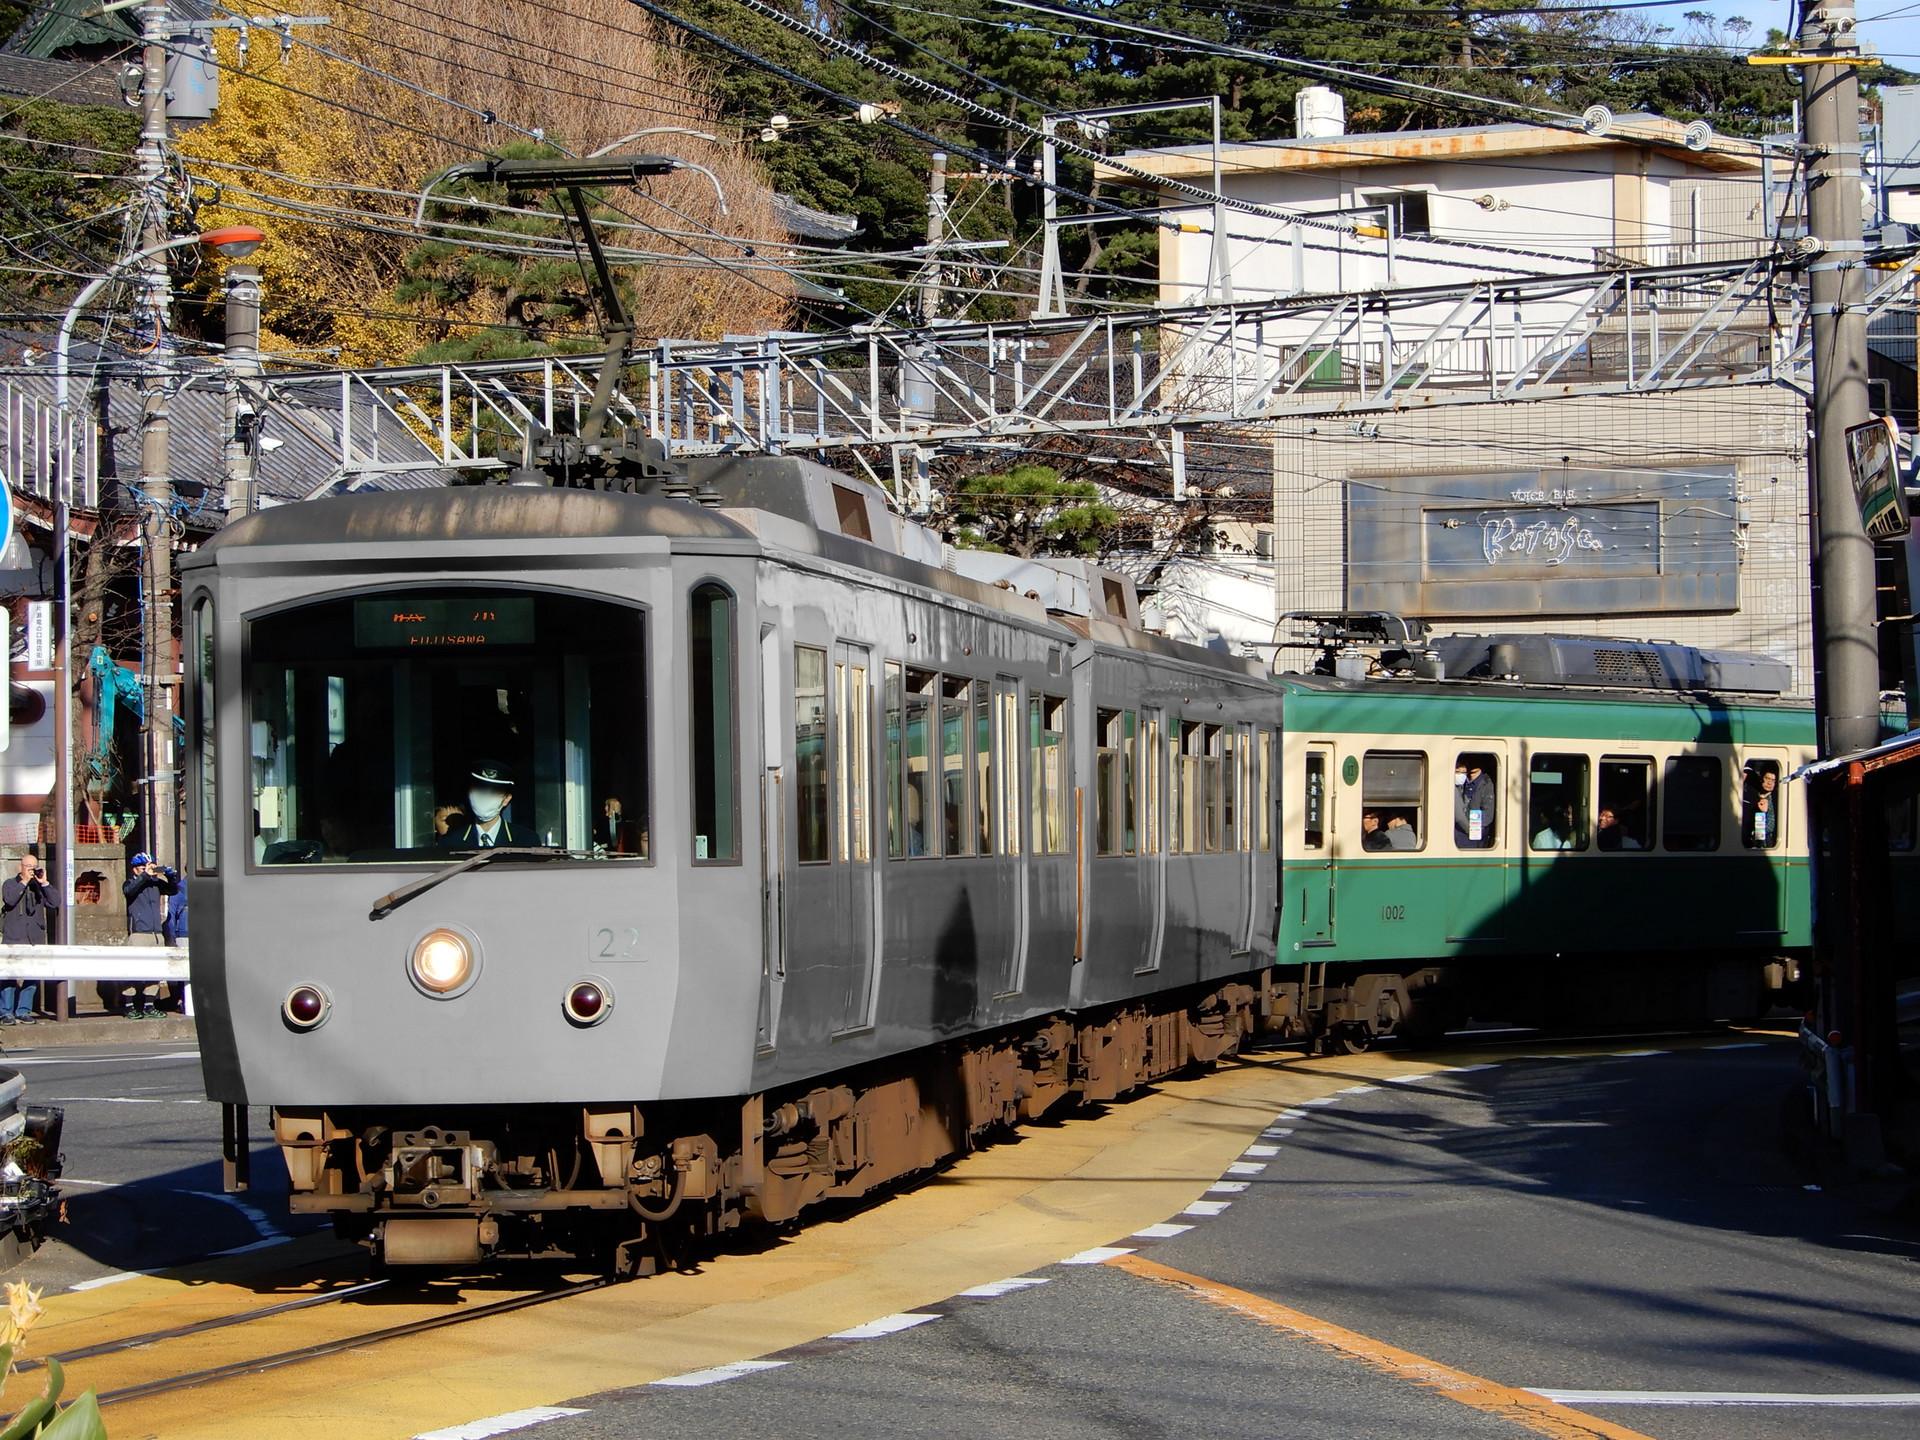 江ノ島電鉄 20形の色変え用素体